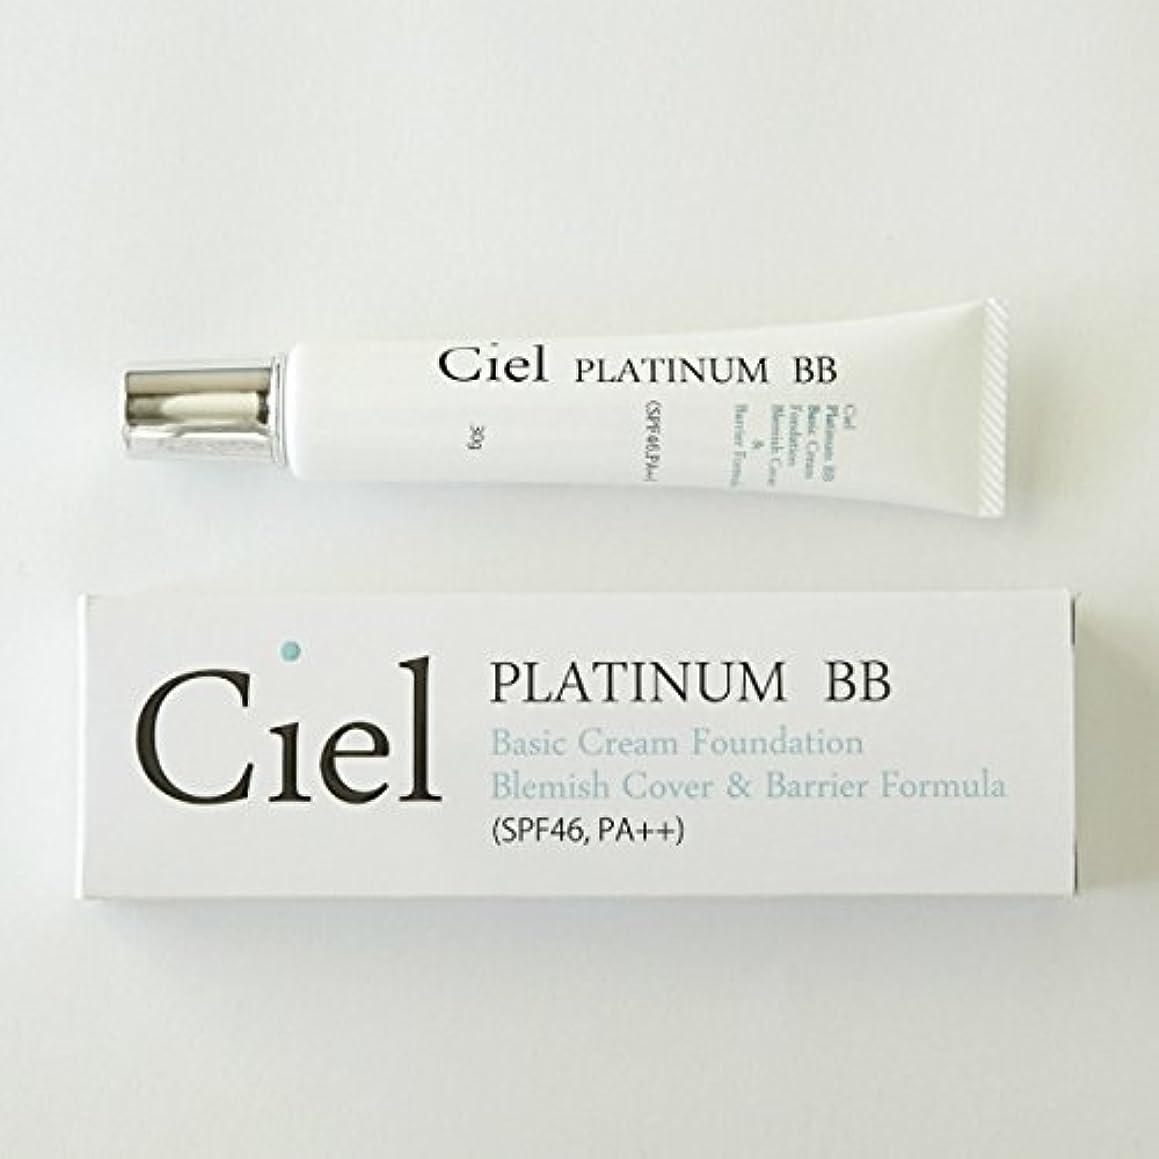 偽善者開いたデータムCiel Salon de Beaute Ciel PLATINUM BB SPF46 BBクリーム ファンデーション 日本製 日焼け止め